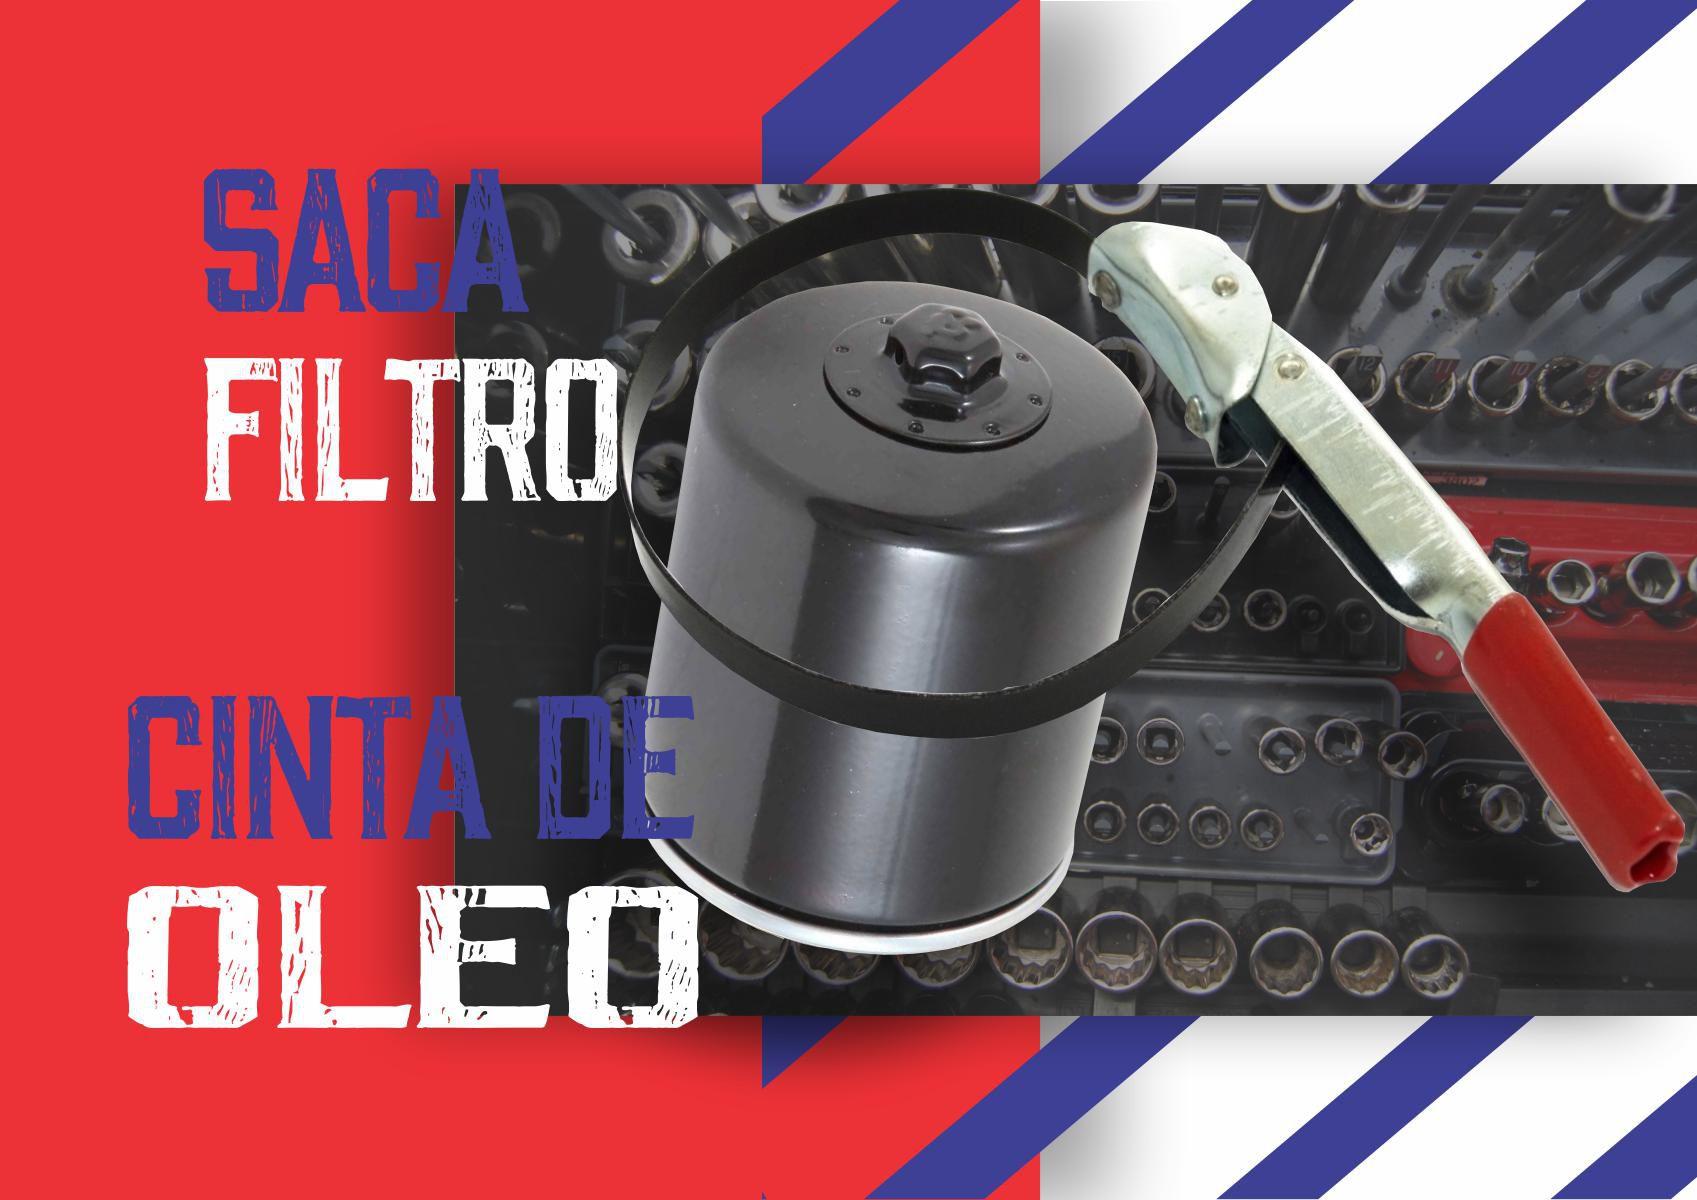 Chave Saca Filtro Cinta De Óleo Scania 75 x 86mm LUB 18-D  - Rea Comércio - Sua Loja Completa!